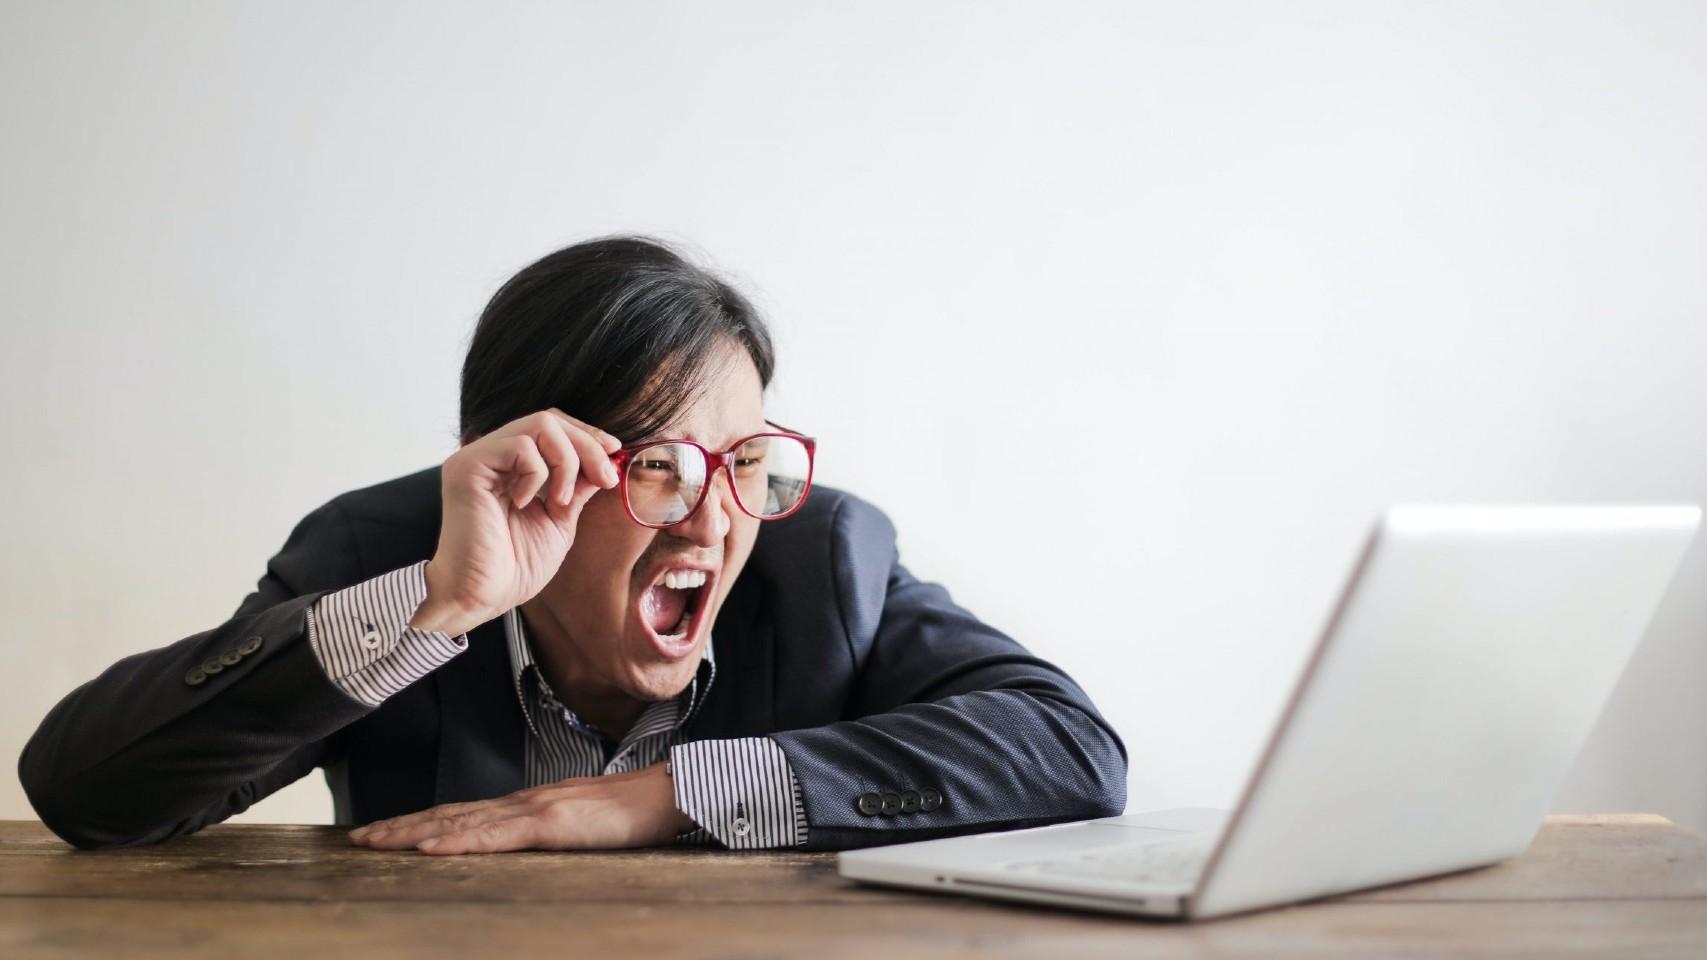 Thêm 1,2 tỷ cổ phiếu SSB lên HOSE, nhà đầu tư nên vui hay buồn?